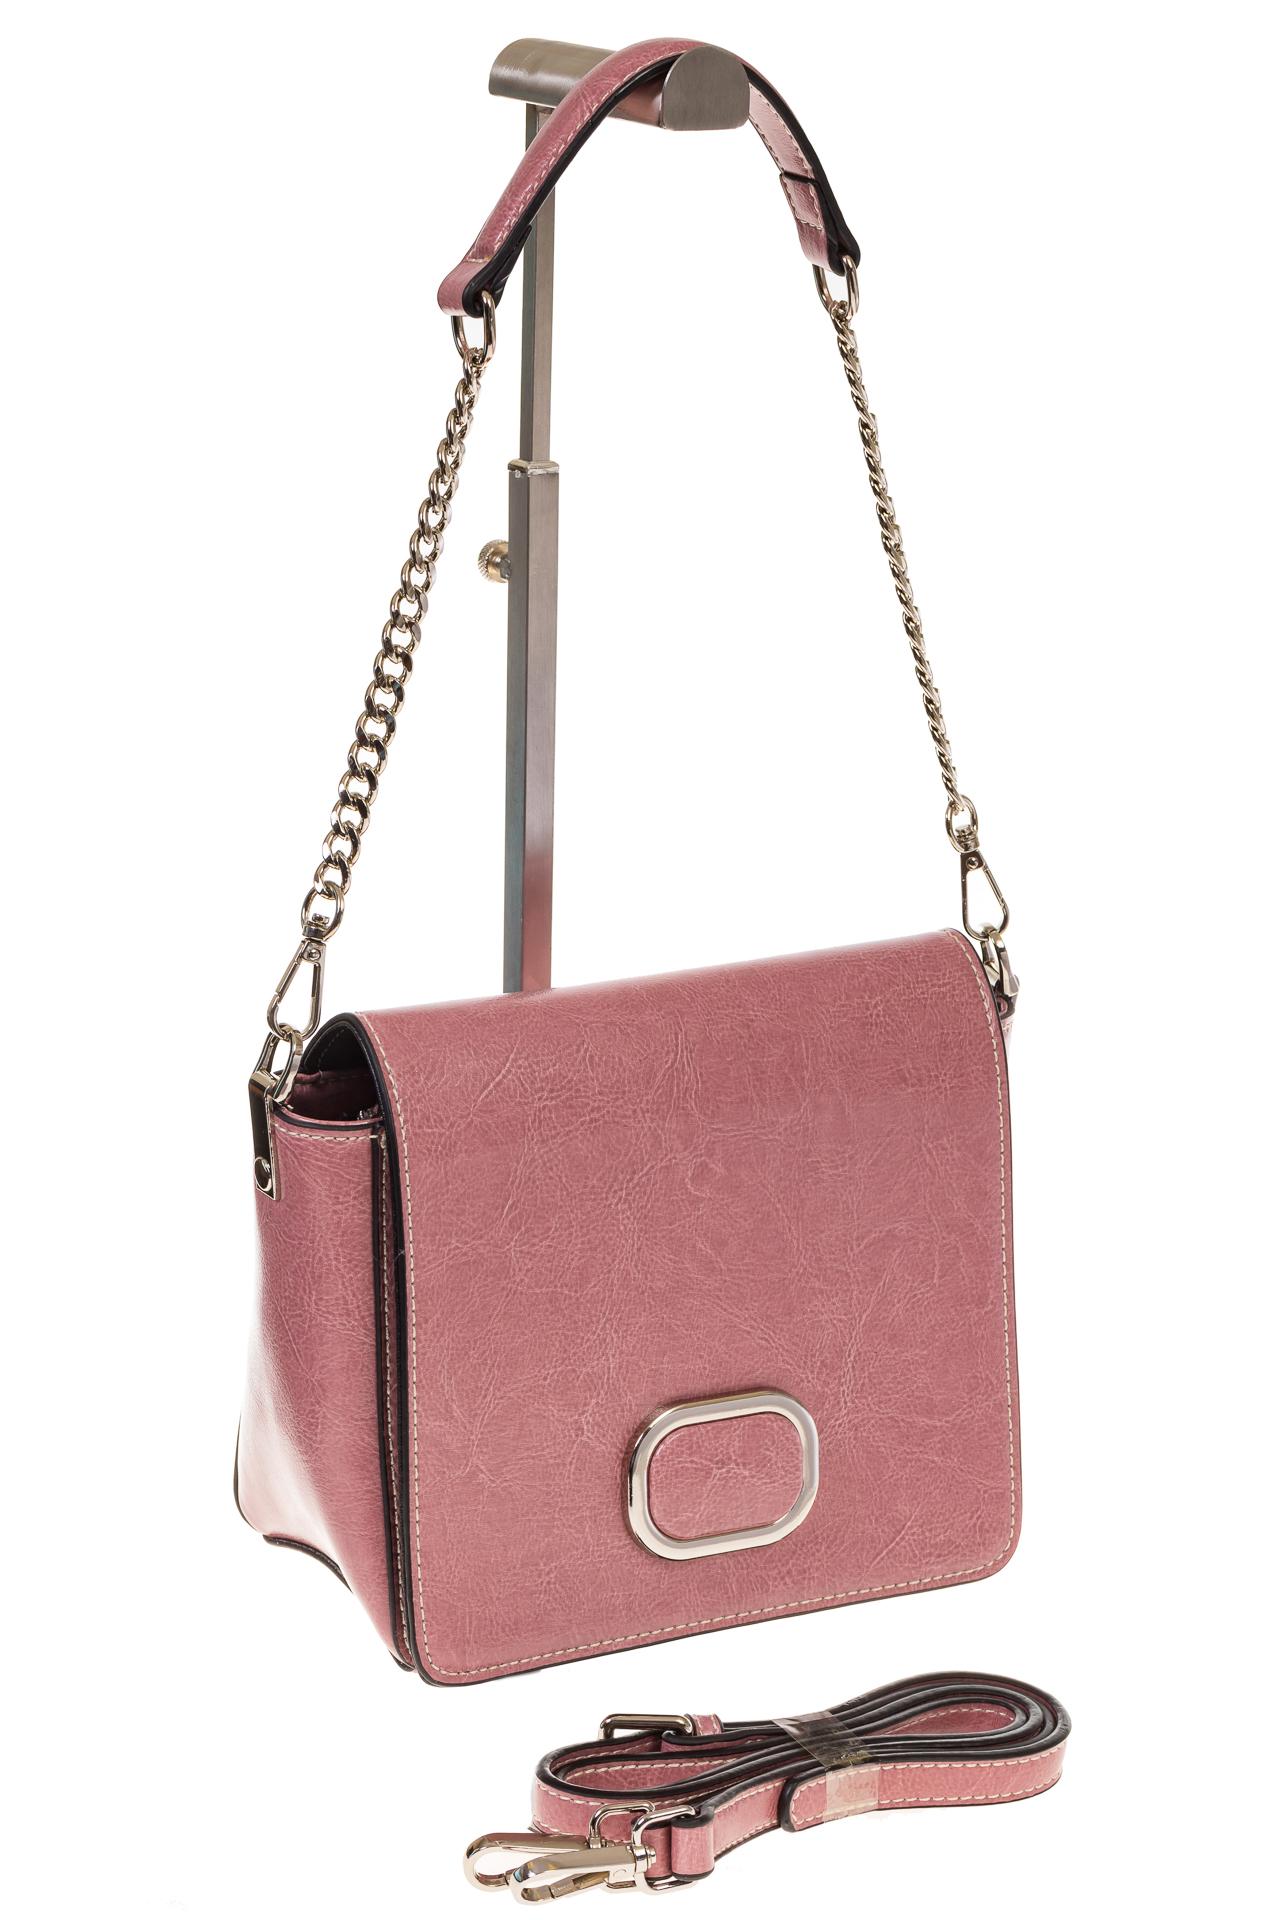 на фото Saddle bag из натуральной кожи цвета пудра 8987MK5